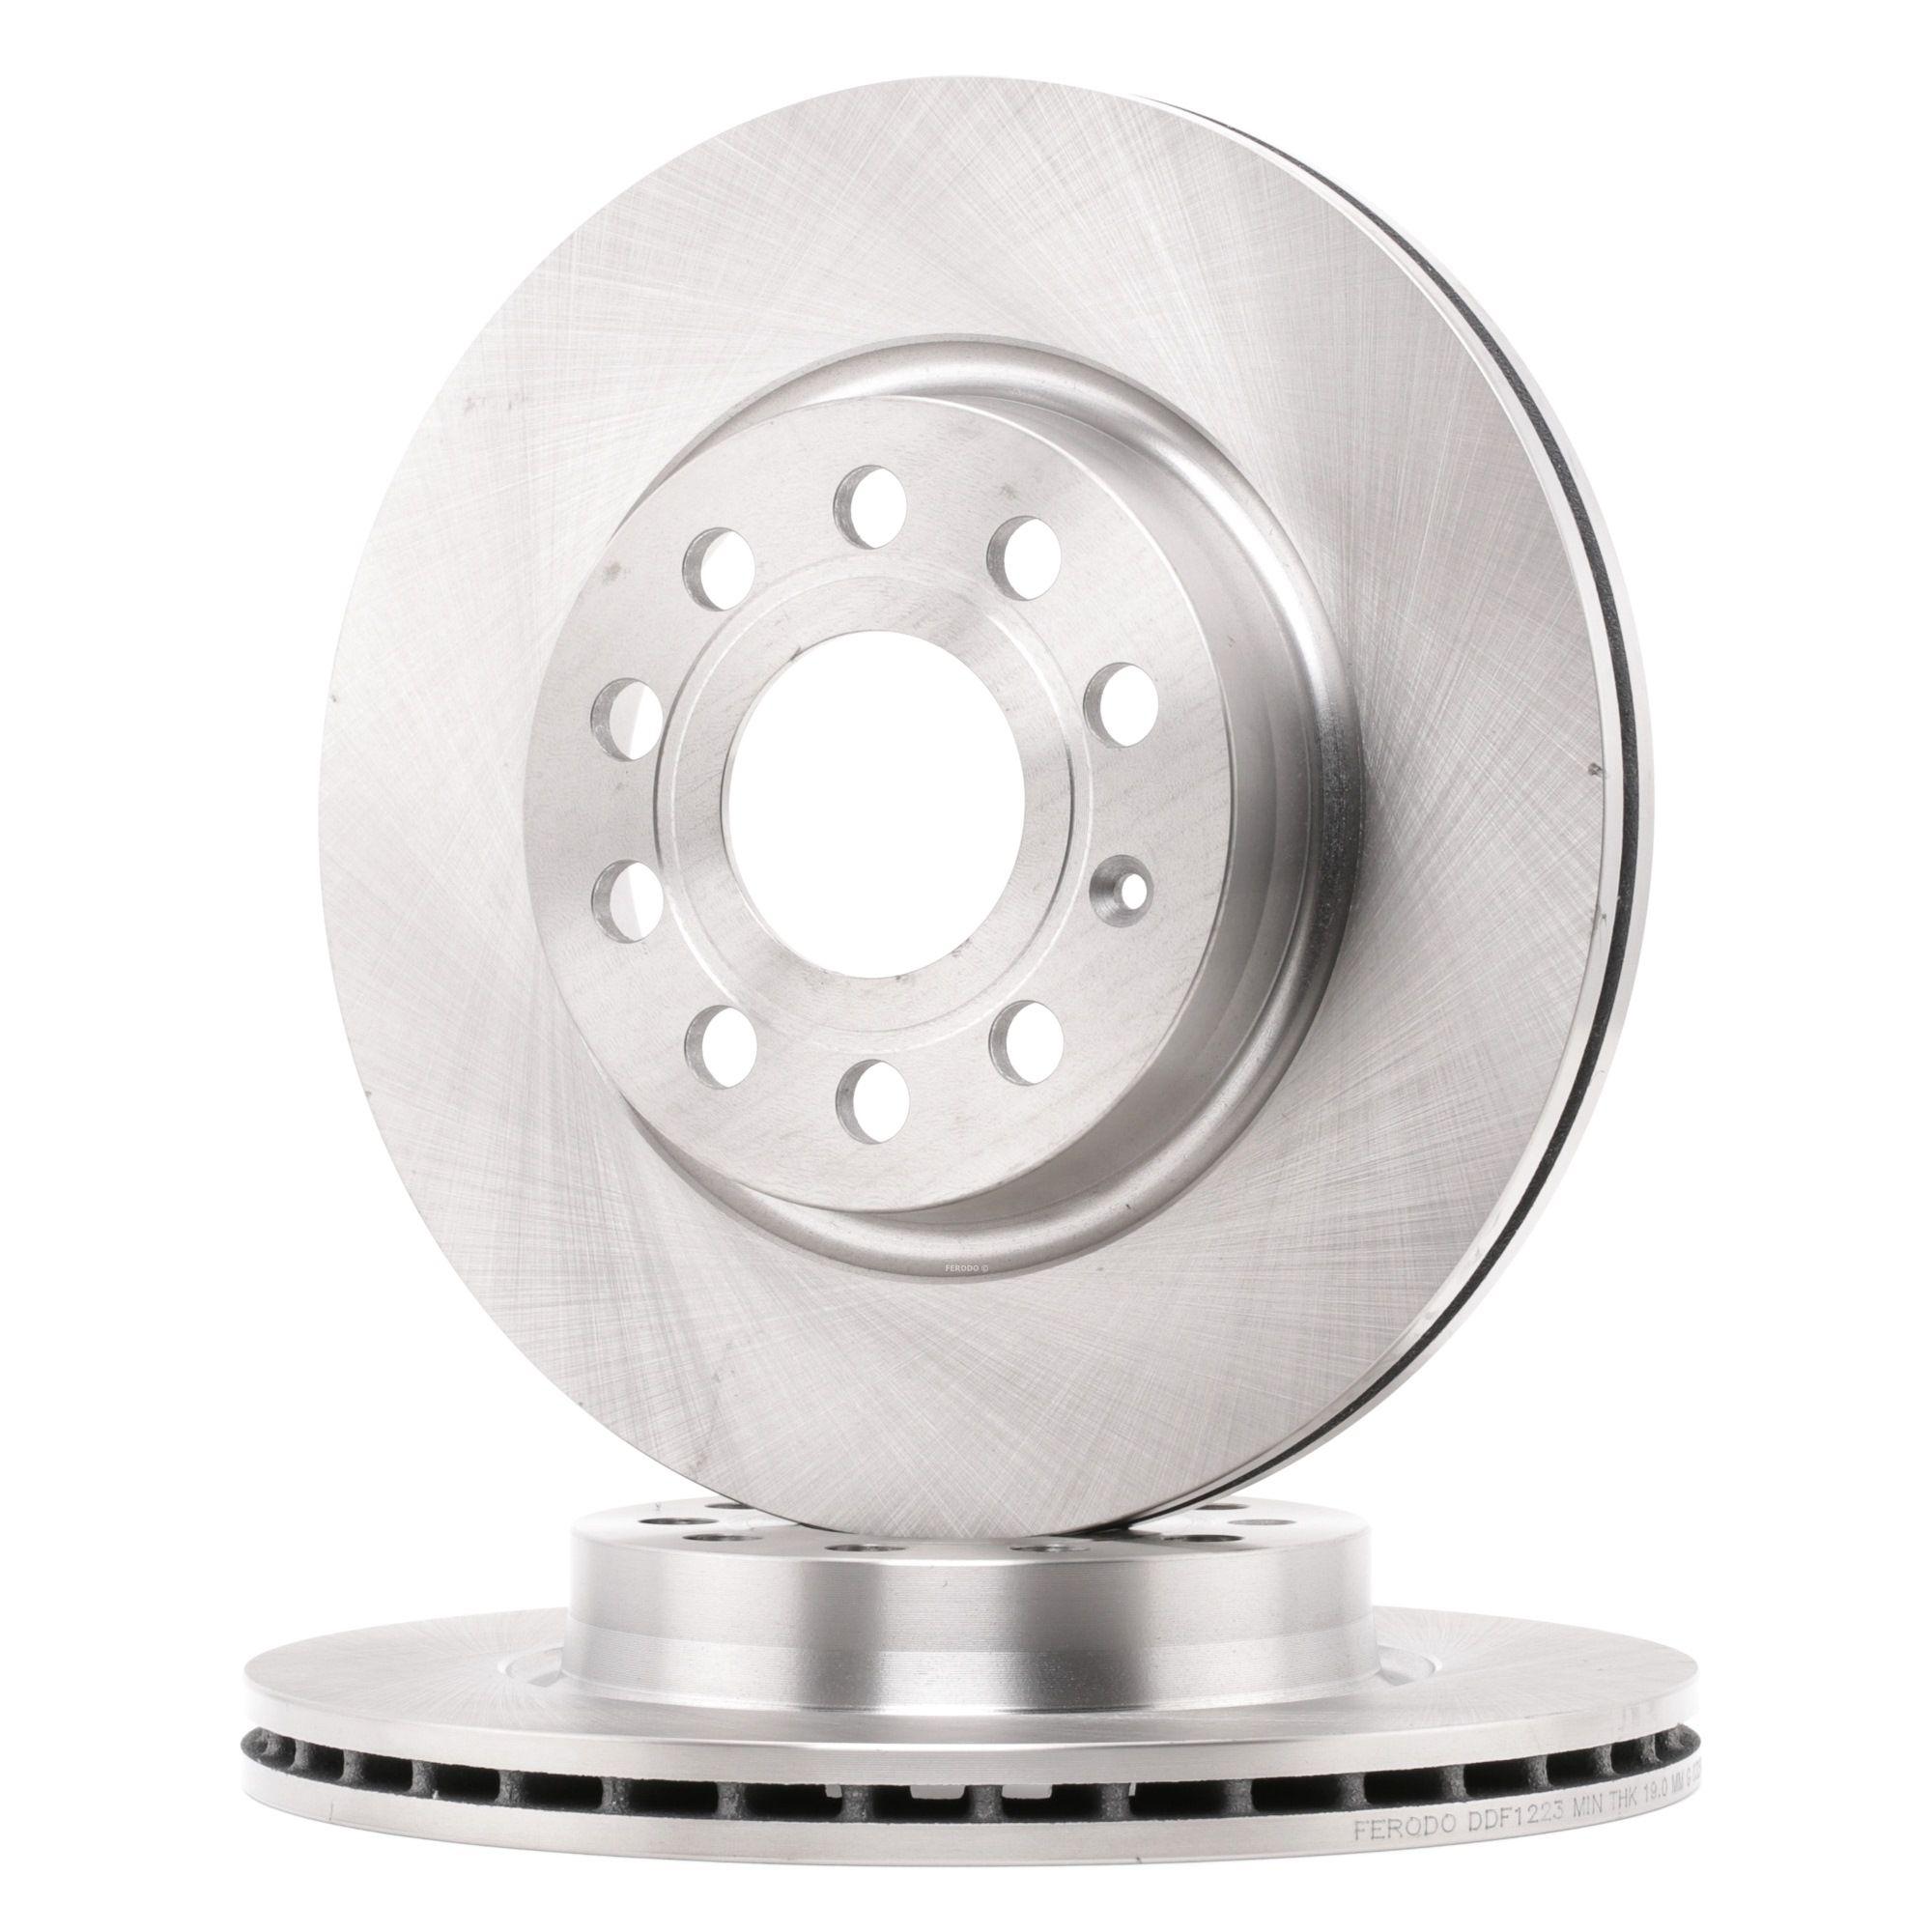 DDF1223 FERODO PREMIER ventilado, con tornillos Ø: 280mm, Núm. orificios: 5, Espesor disco freno: 22mm Disco de freno DDF1223 a buen precio